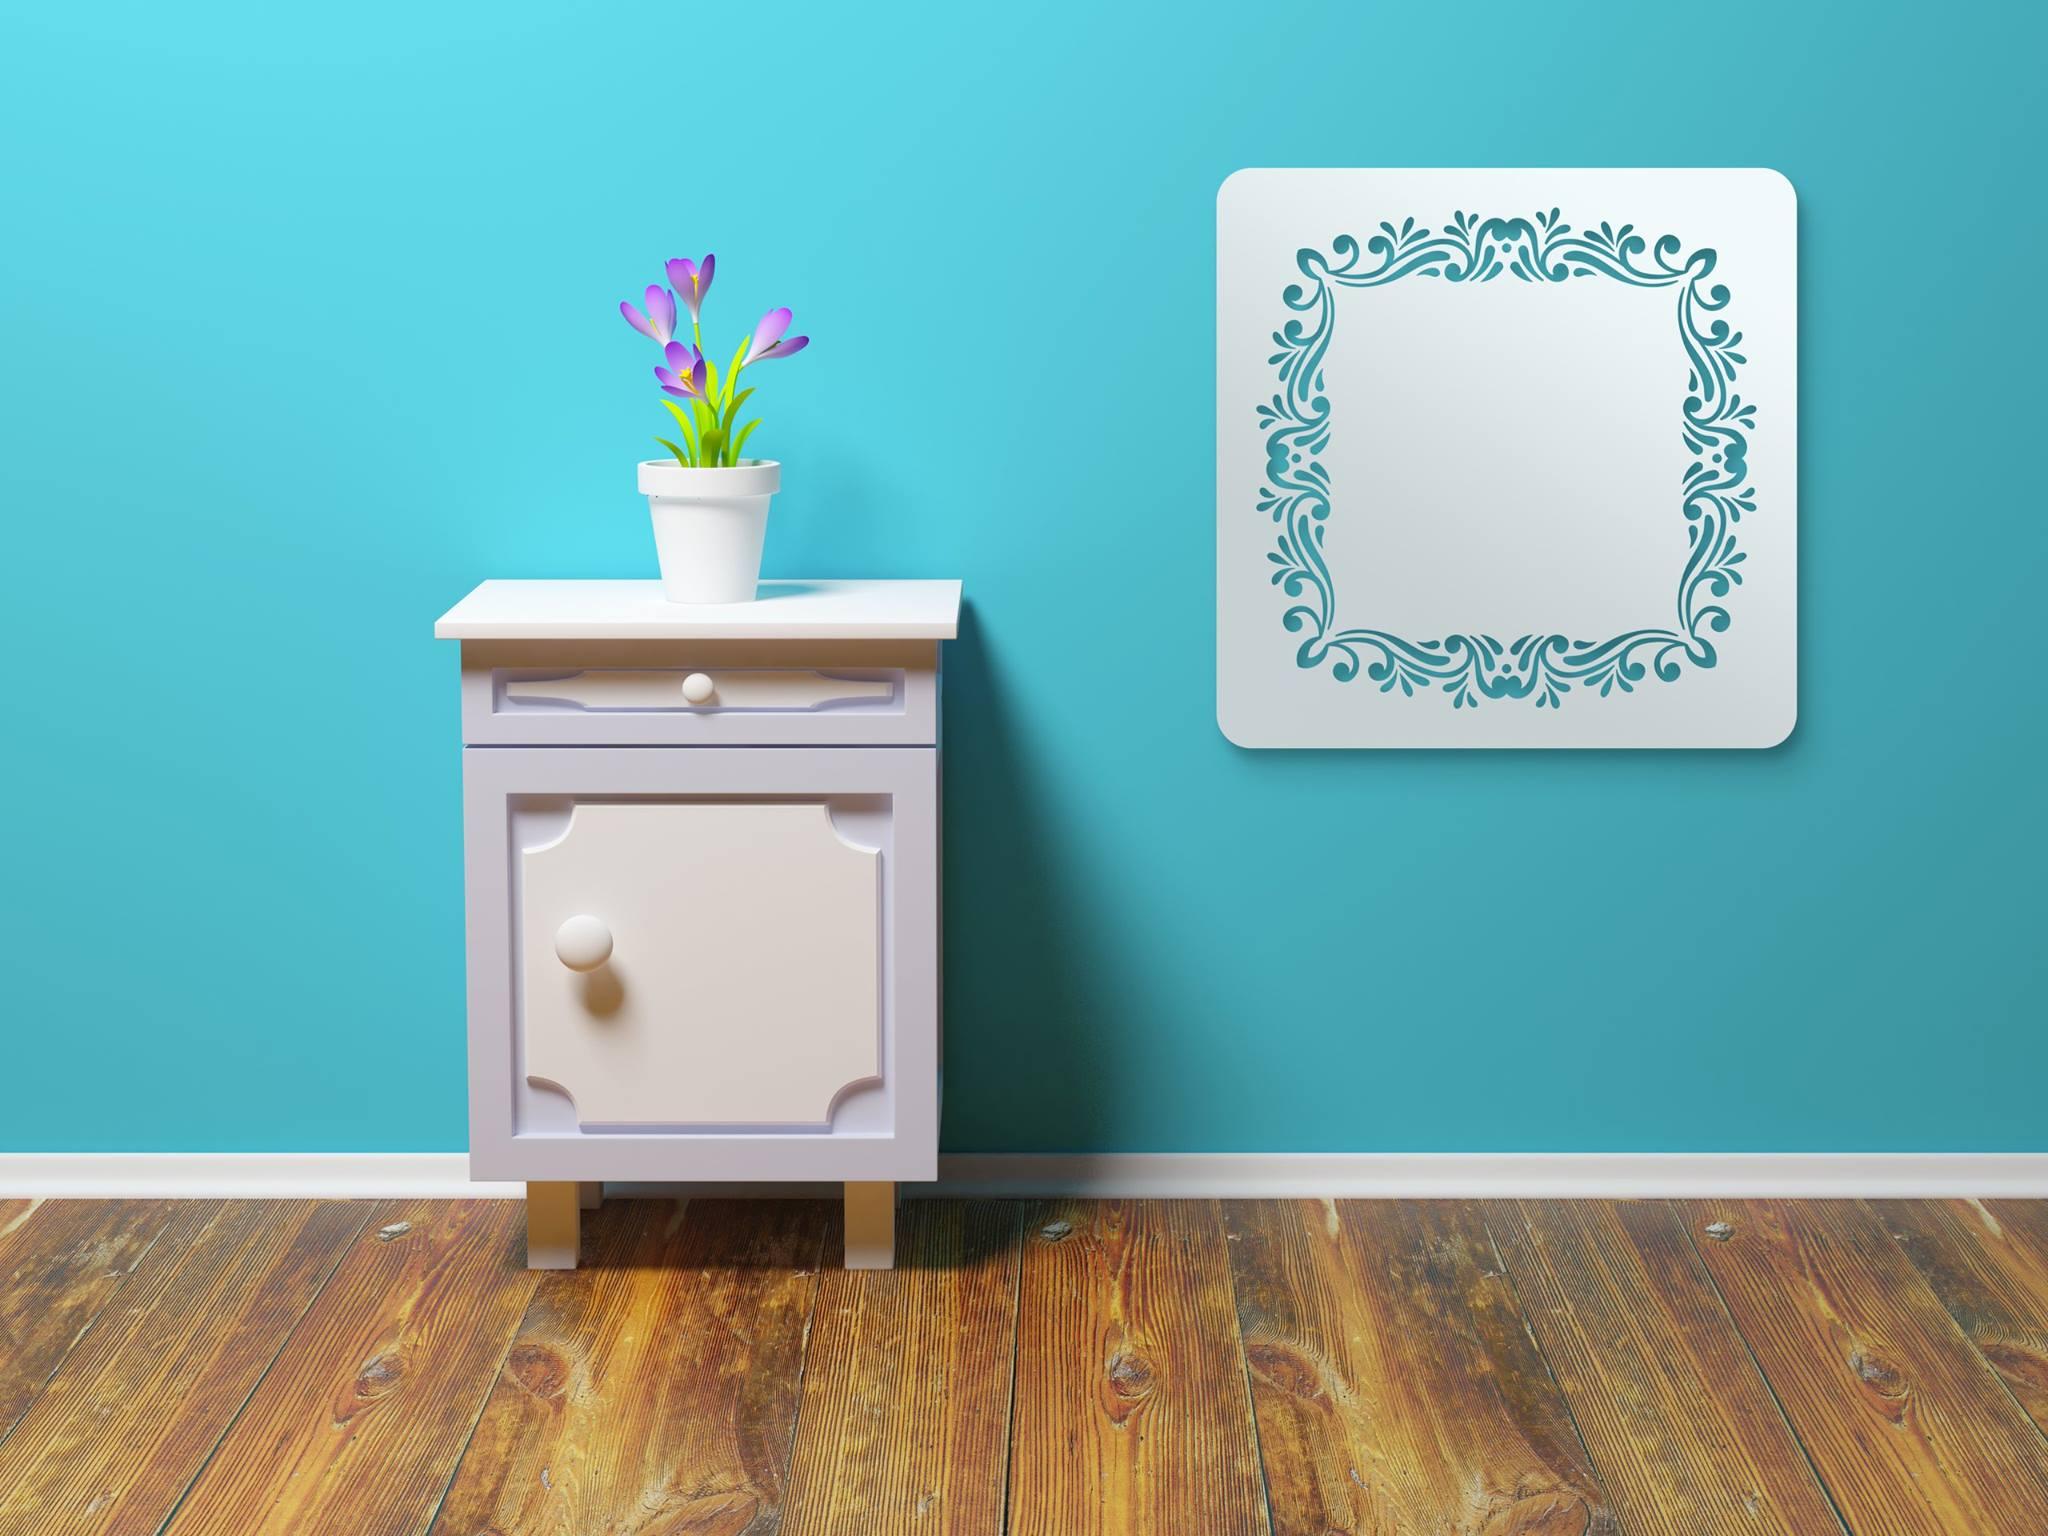 Gyerekszoba dekor - Mirrorka